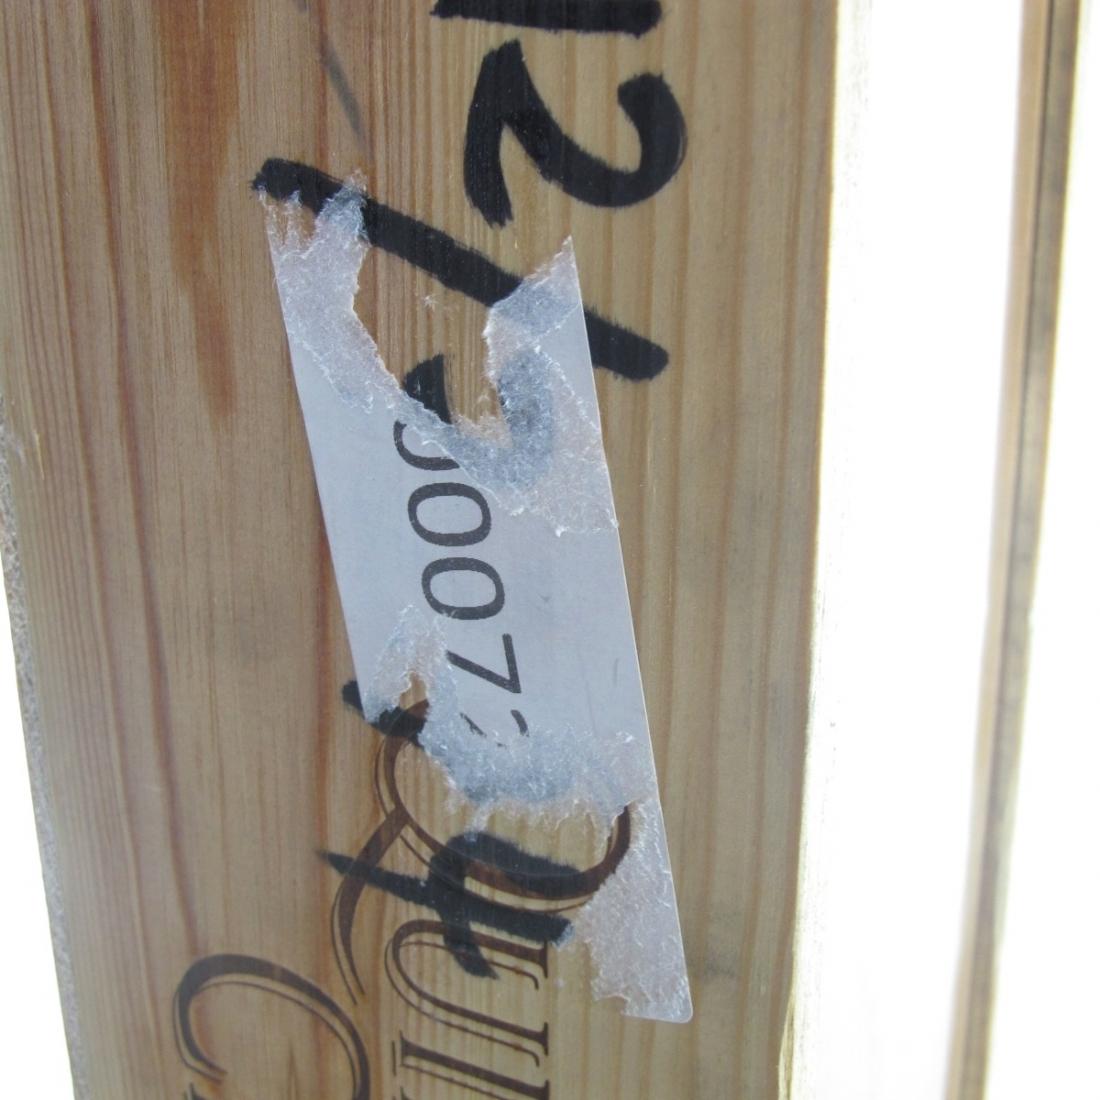 Quinta Do Crasto Riserva 2010 Douro 150cl